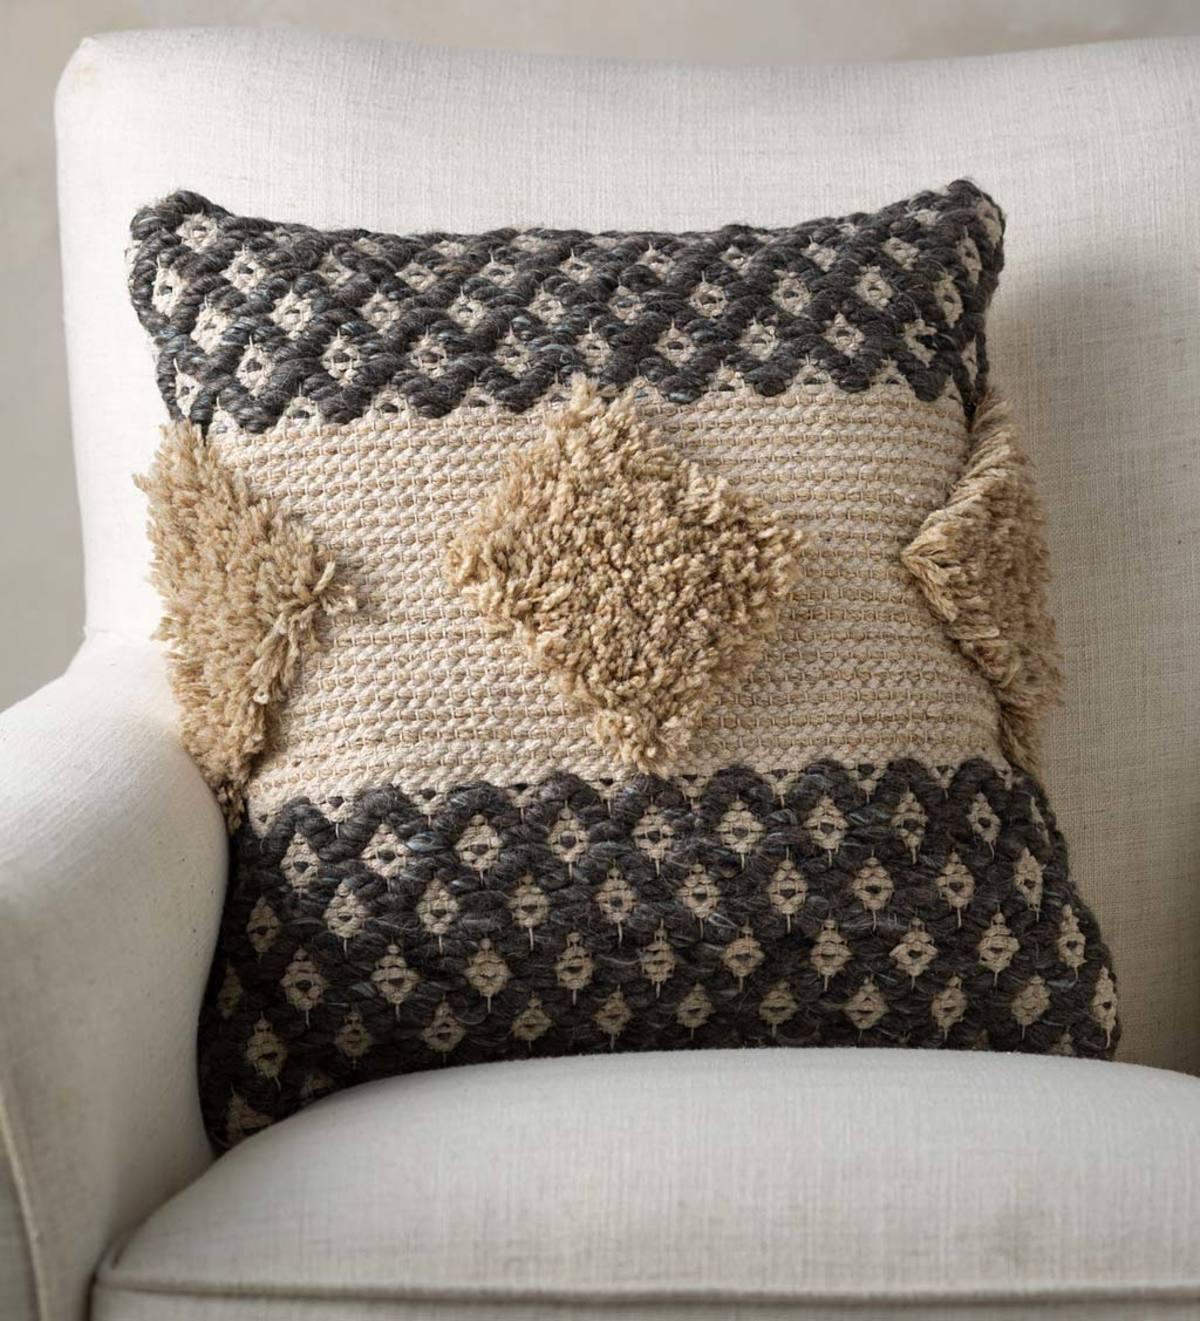 Woven Boho Textured Throw Pillow Gray And Tan Vivaterra